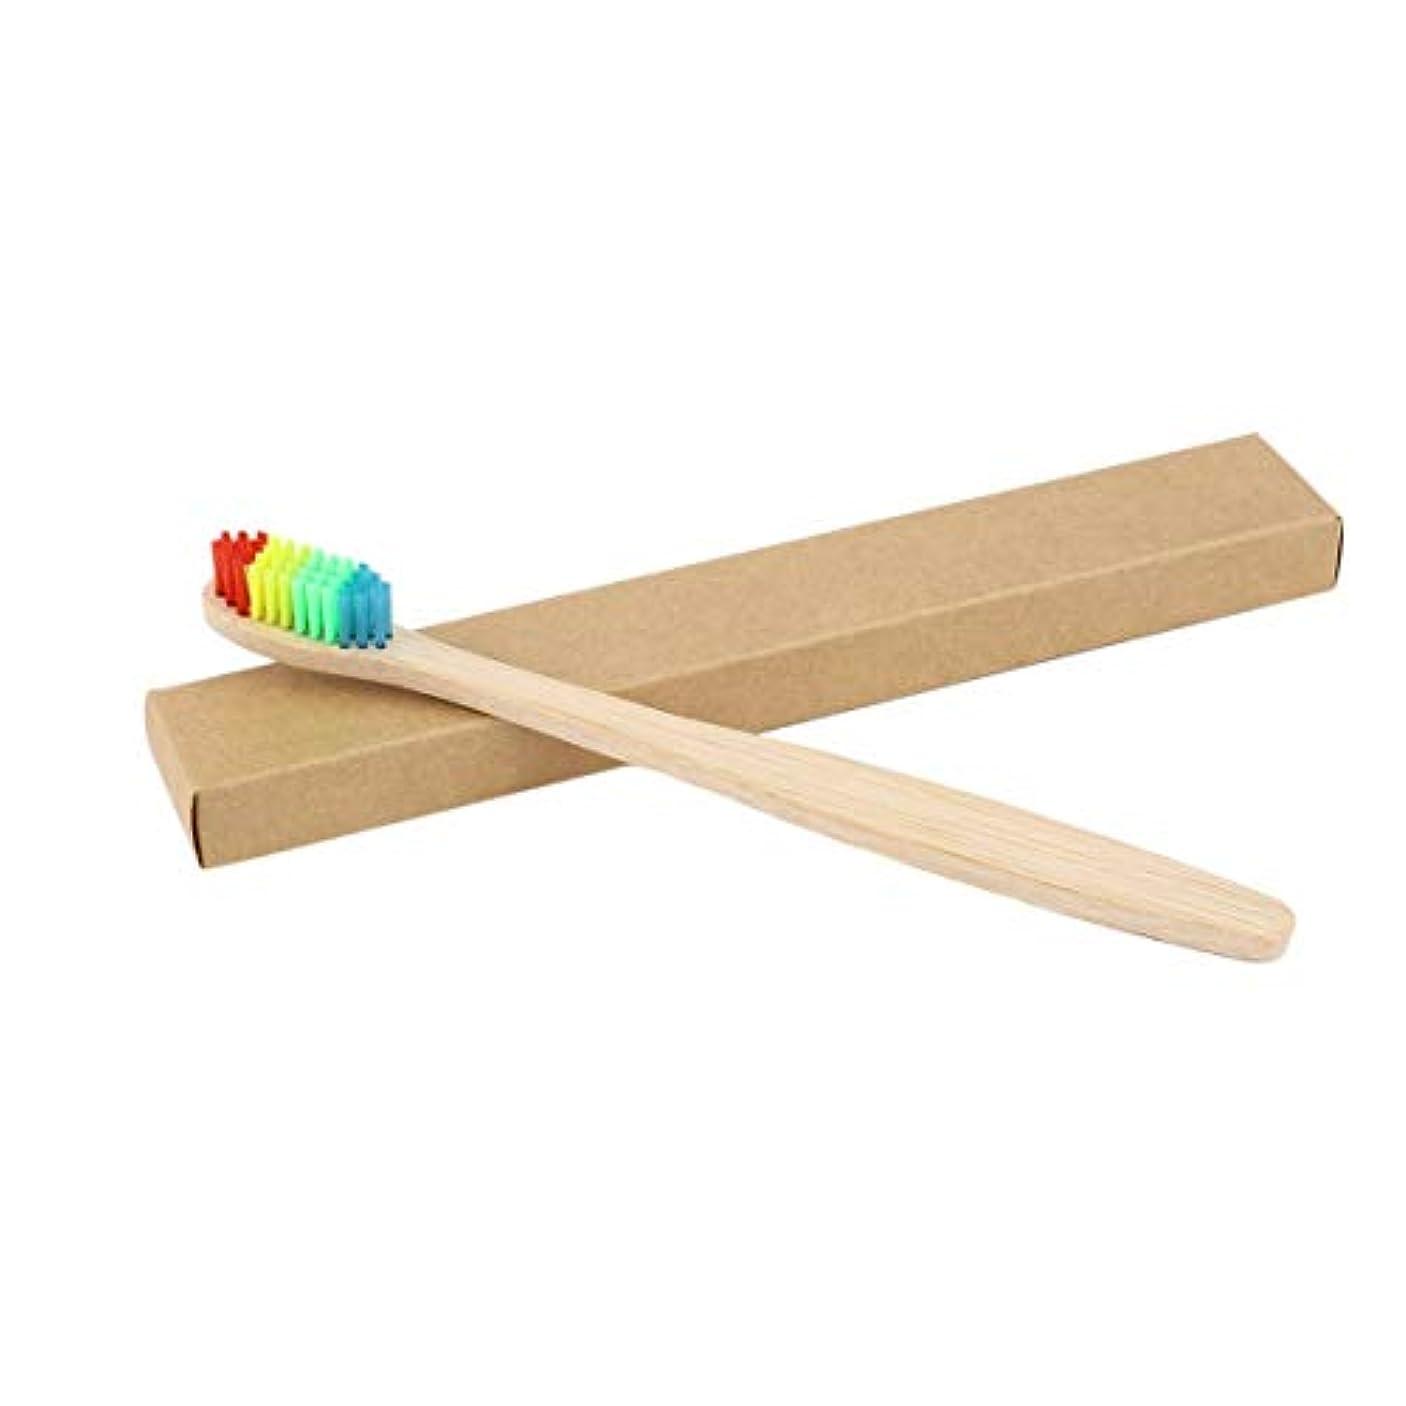 散らす圧縮された慣れているカラフルな髪+竹のハンドル歯ブラシ環境木製の虹竹の歯ブラシオーラルケアソフト剛毛ユニセックス - ウッドカラー+カラフル